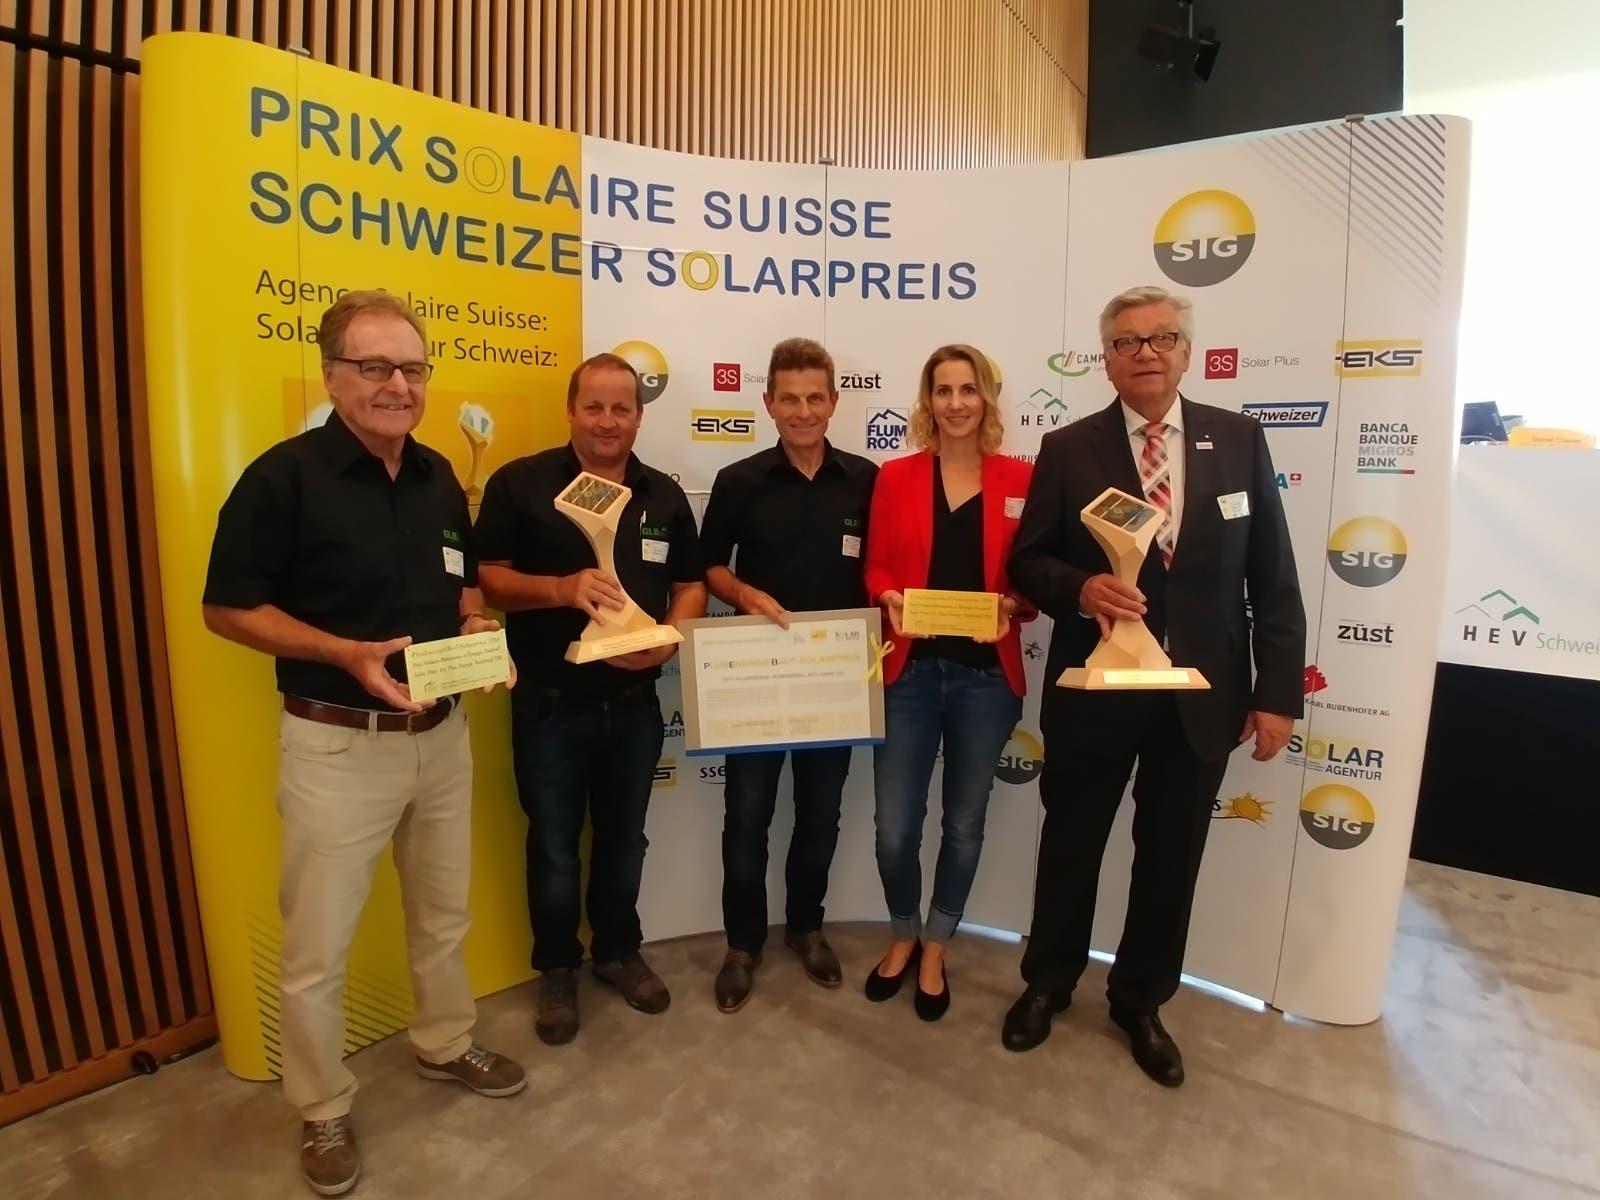 Die Solarpreisträger in der Kategorie Plus-Energie-Bau (von links): Peter Meister (GLB), Peter Wenk (GLB), Rolf Zindel (GLB), Stéphanie Schibli (Heizplan AG) und Peter Schibli (Heizplan AG) von der gemeinsamen Bauherrschaft.